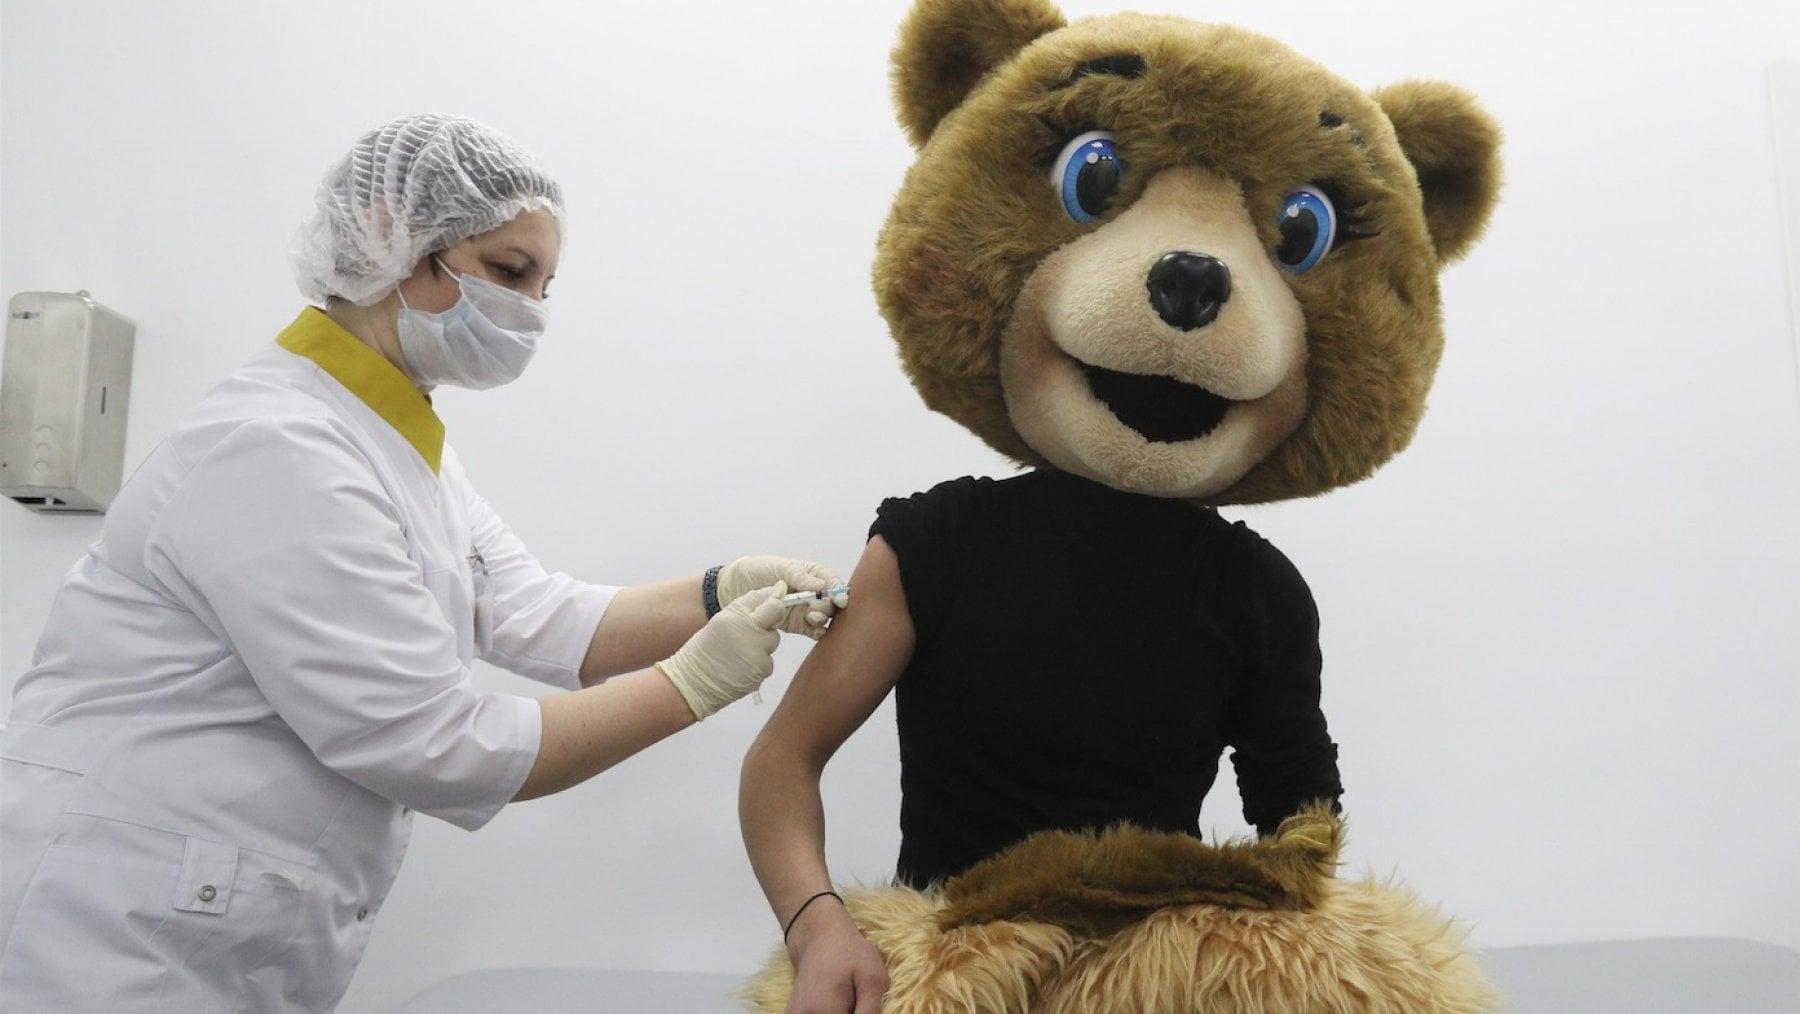 """161618249 e47835c6 1f4e 4a47 a437 34ef4ca721d8 - Coronavirus, la Russia attacca la Slovacchia: """"Contro il vaccino Sputnik disinformazione e sabotaggio"""""""